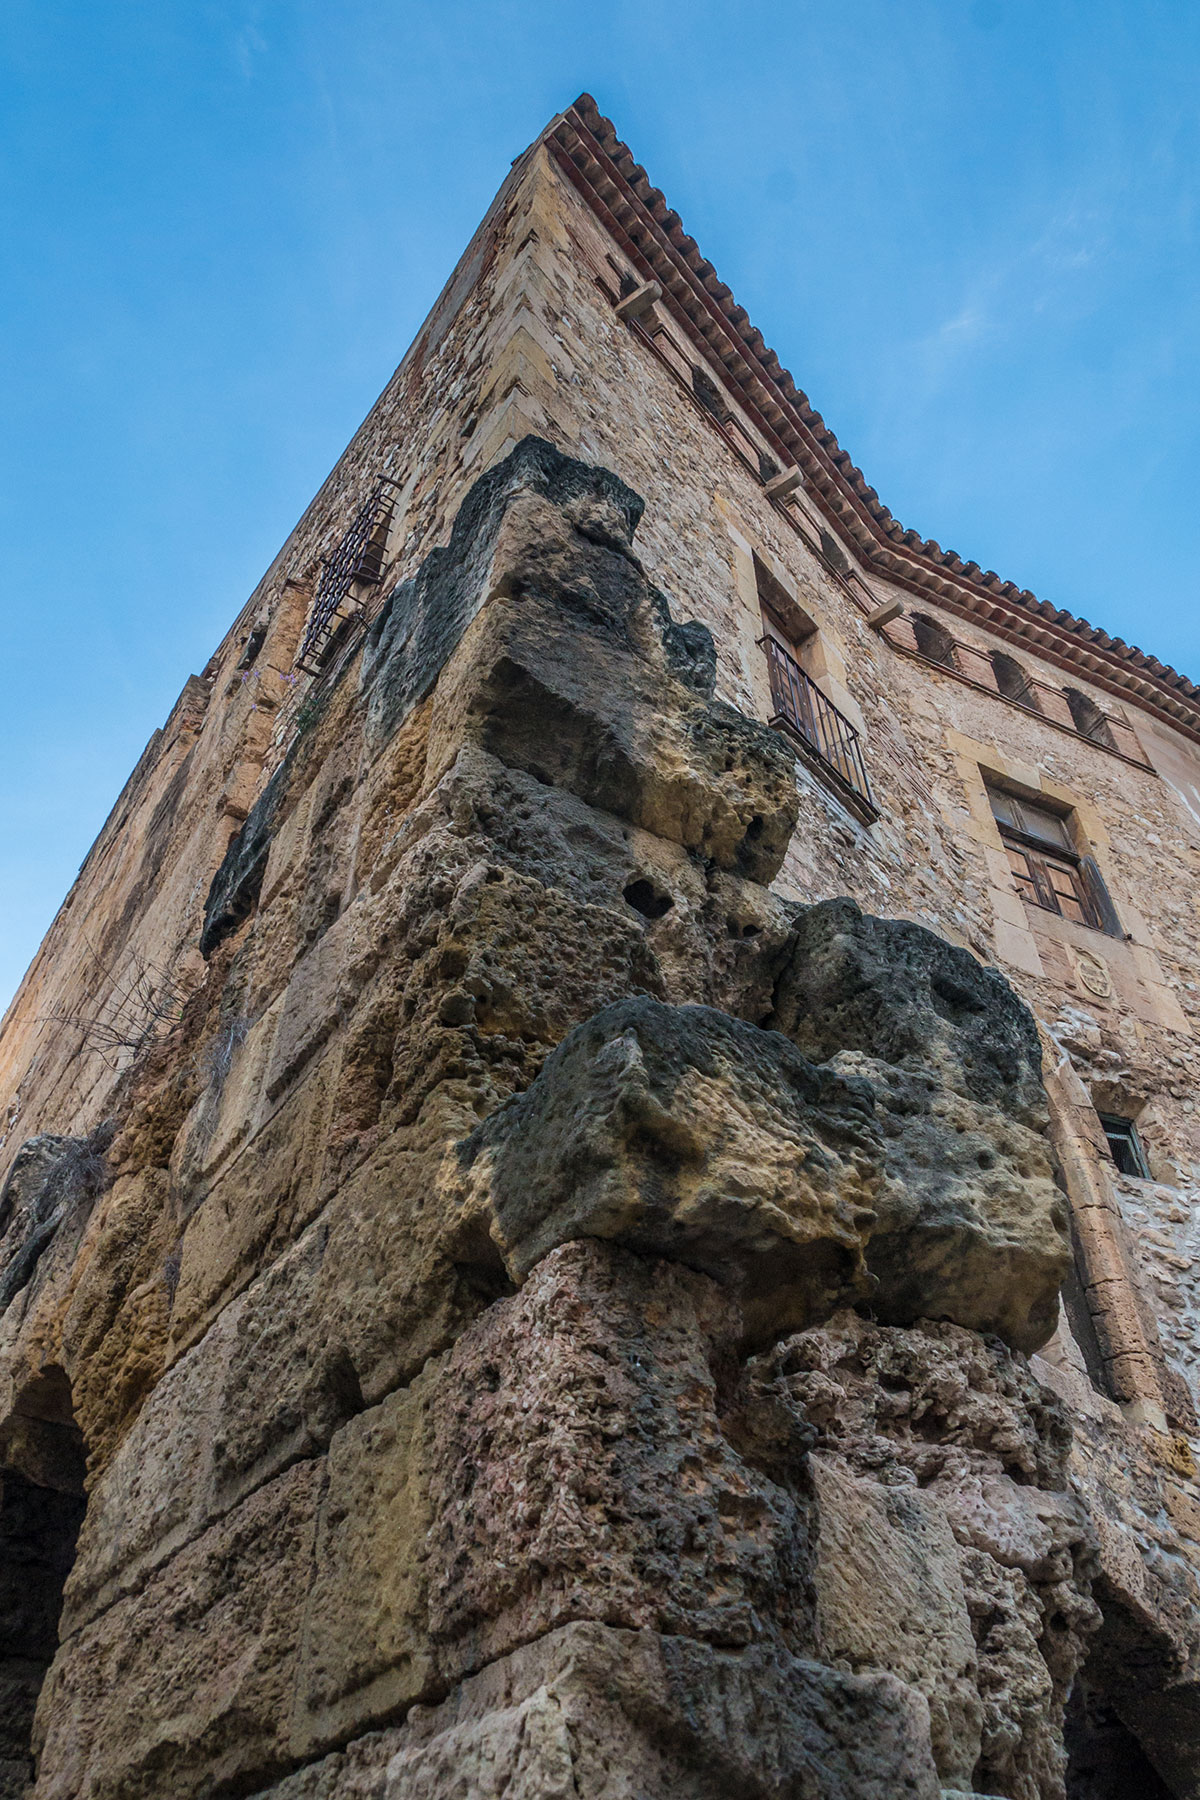 Spain, Catalonia, Tarragona, old wall